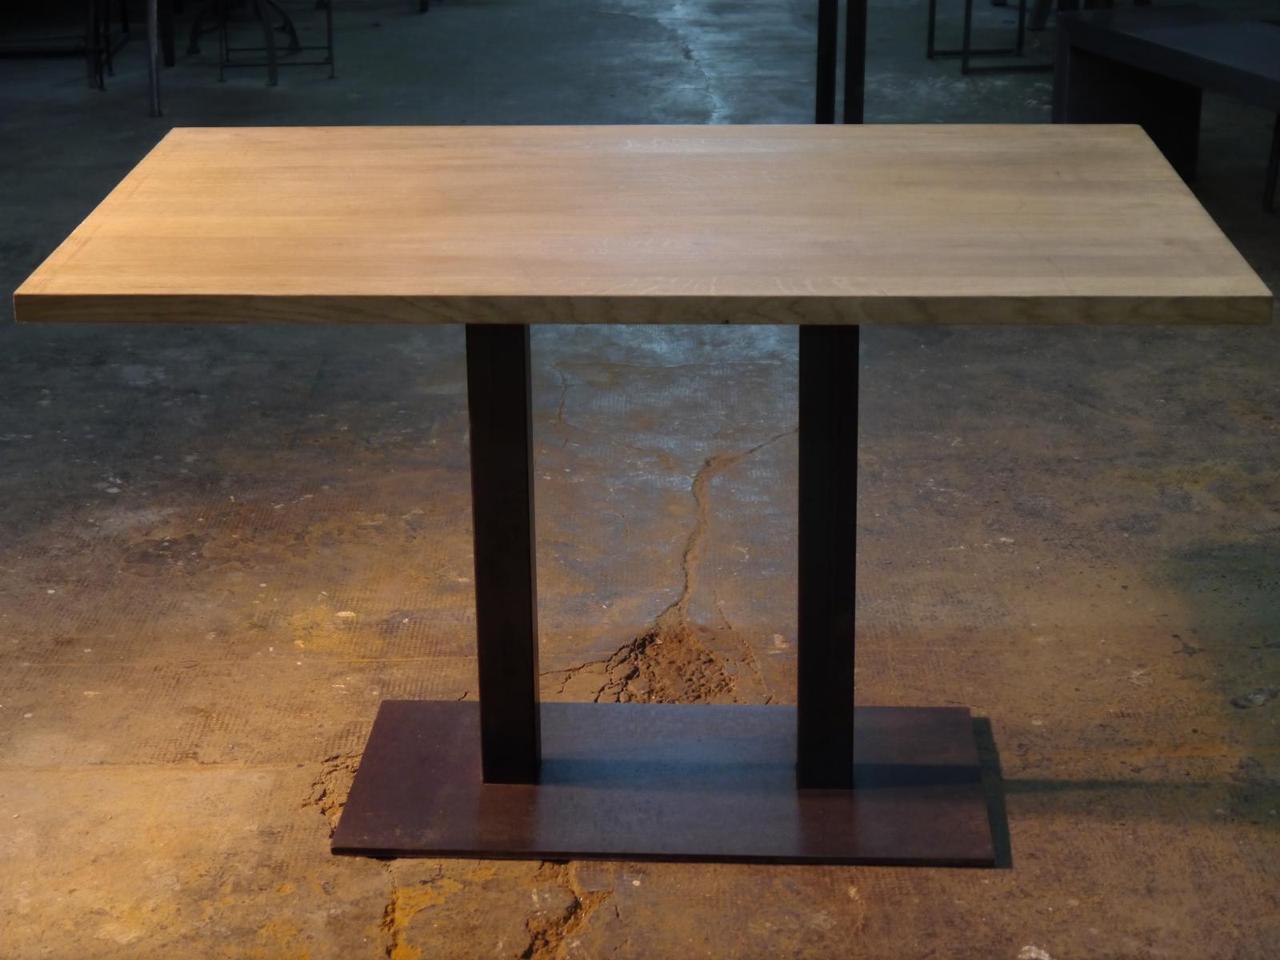 Прямоугольный стол для кафе из массива дерева 120х70